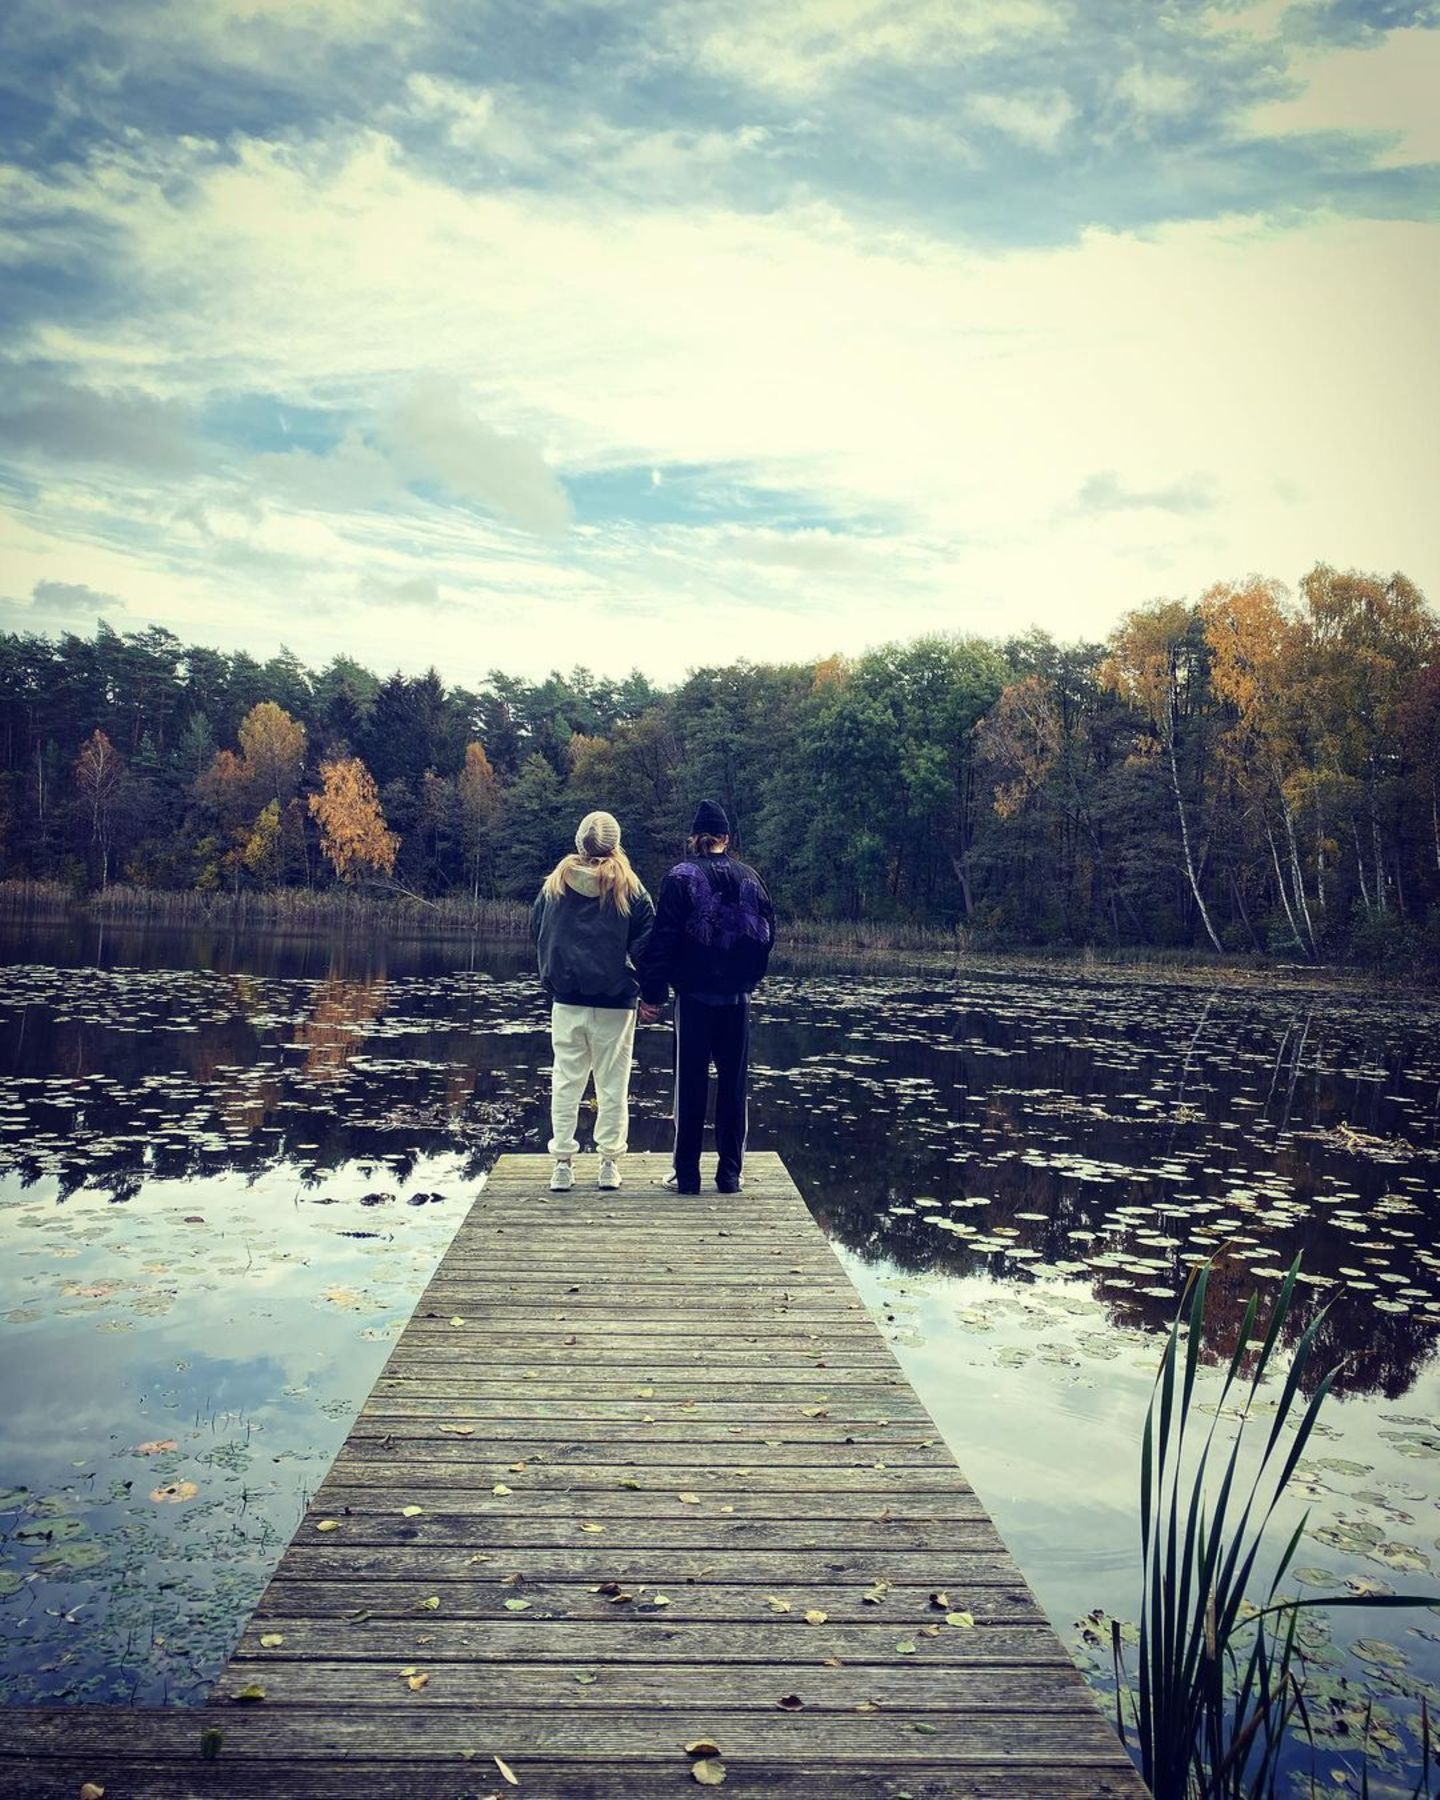 Romantische Herbstbilder am Steg sind für Heidi Klum genau richtig, um ihrem Tom zu sagen, dass sie ihn liebt.